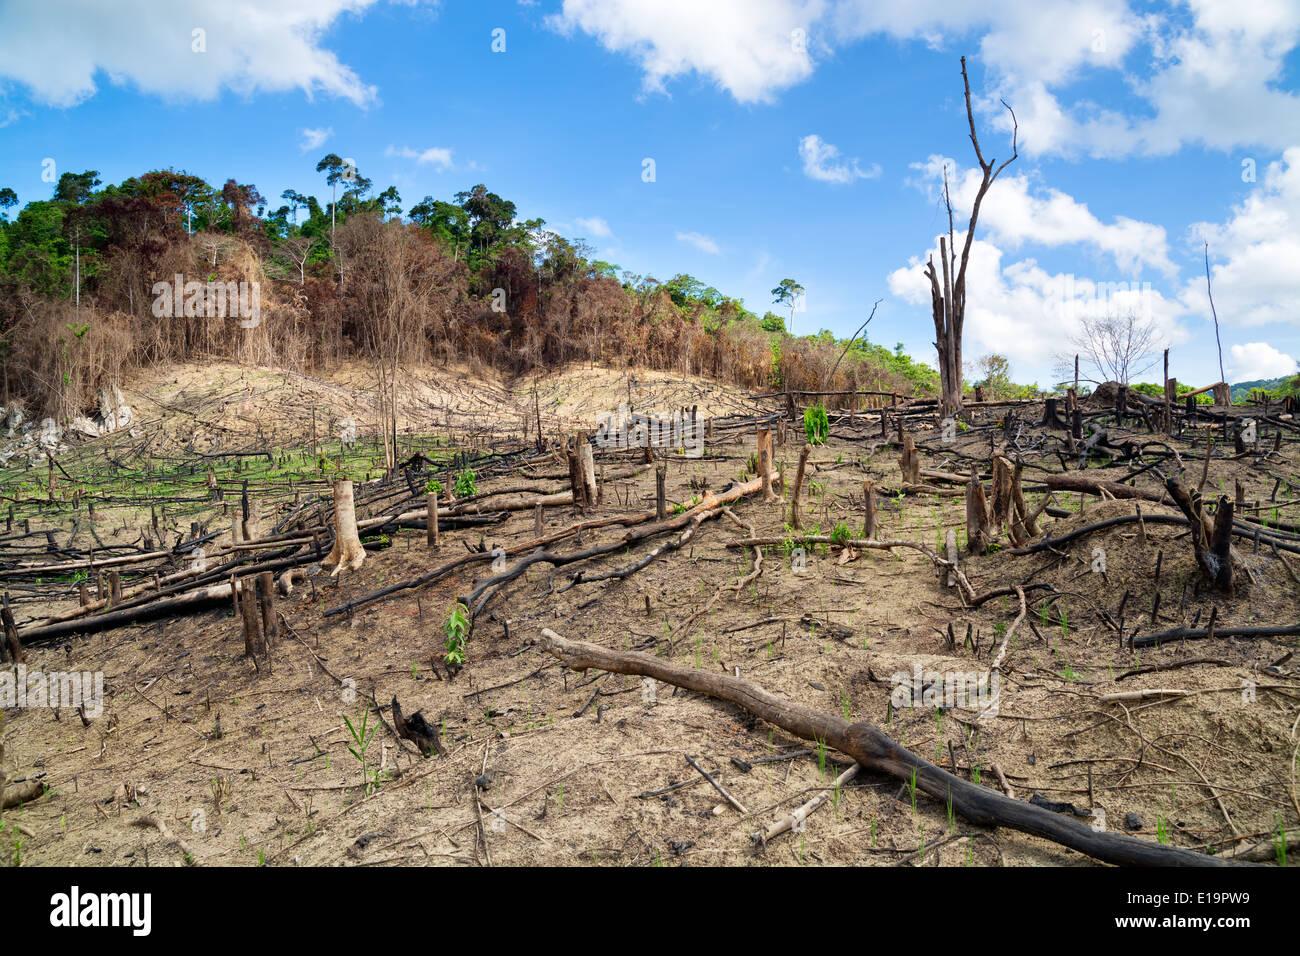 La deforestazione in El Nido, Palawan - Filippine Immagini Stock